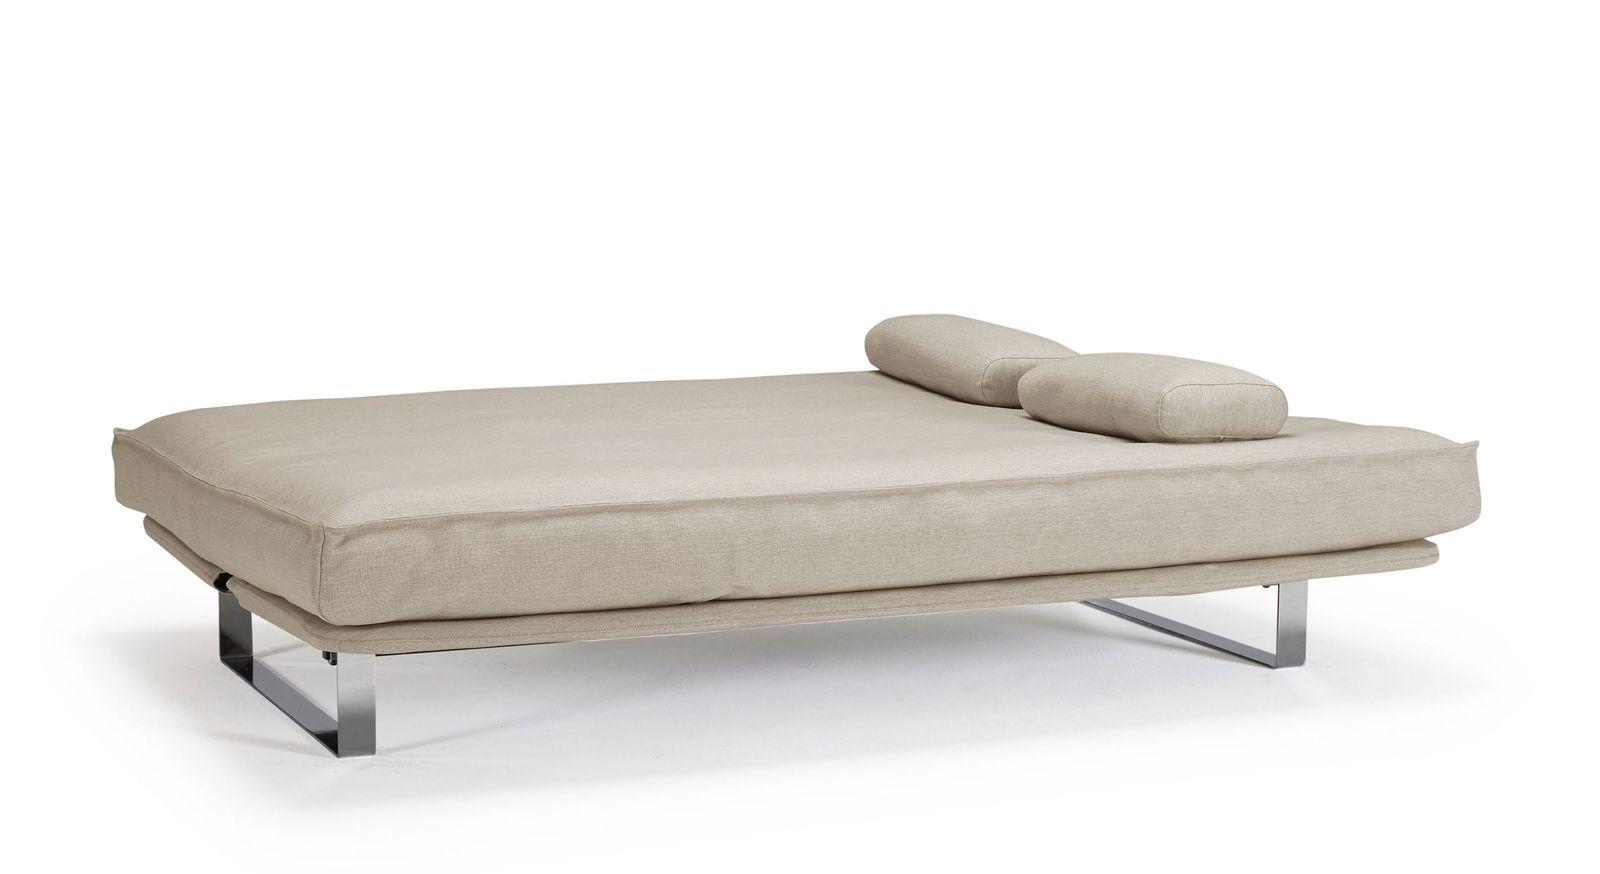 Schlafsofa Perano mit Liegefläche in Doppelbettgröße